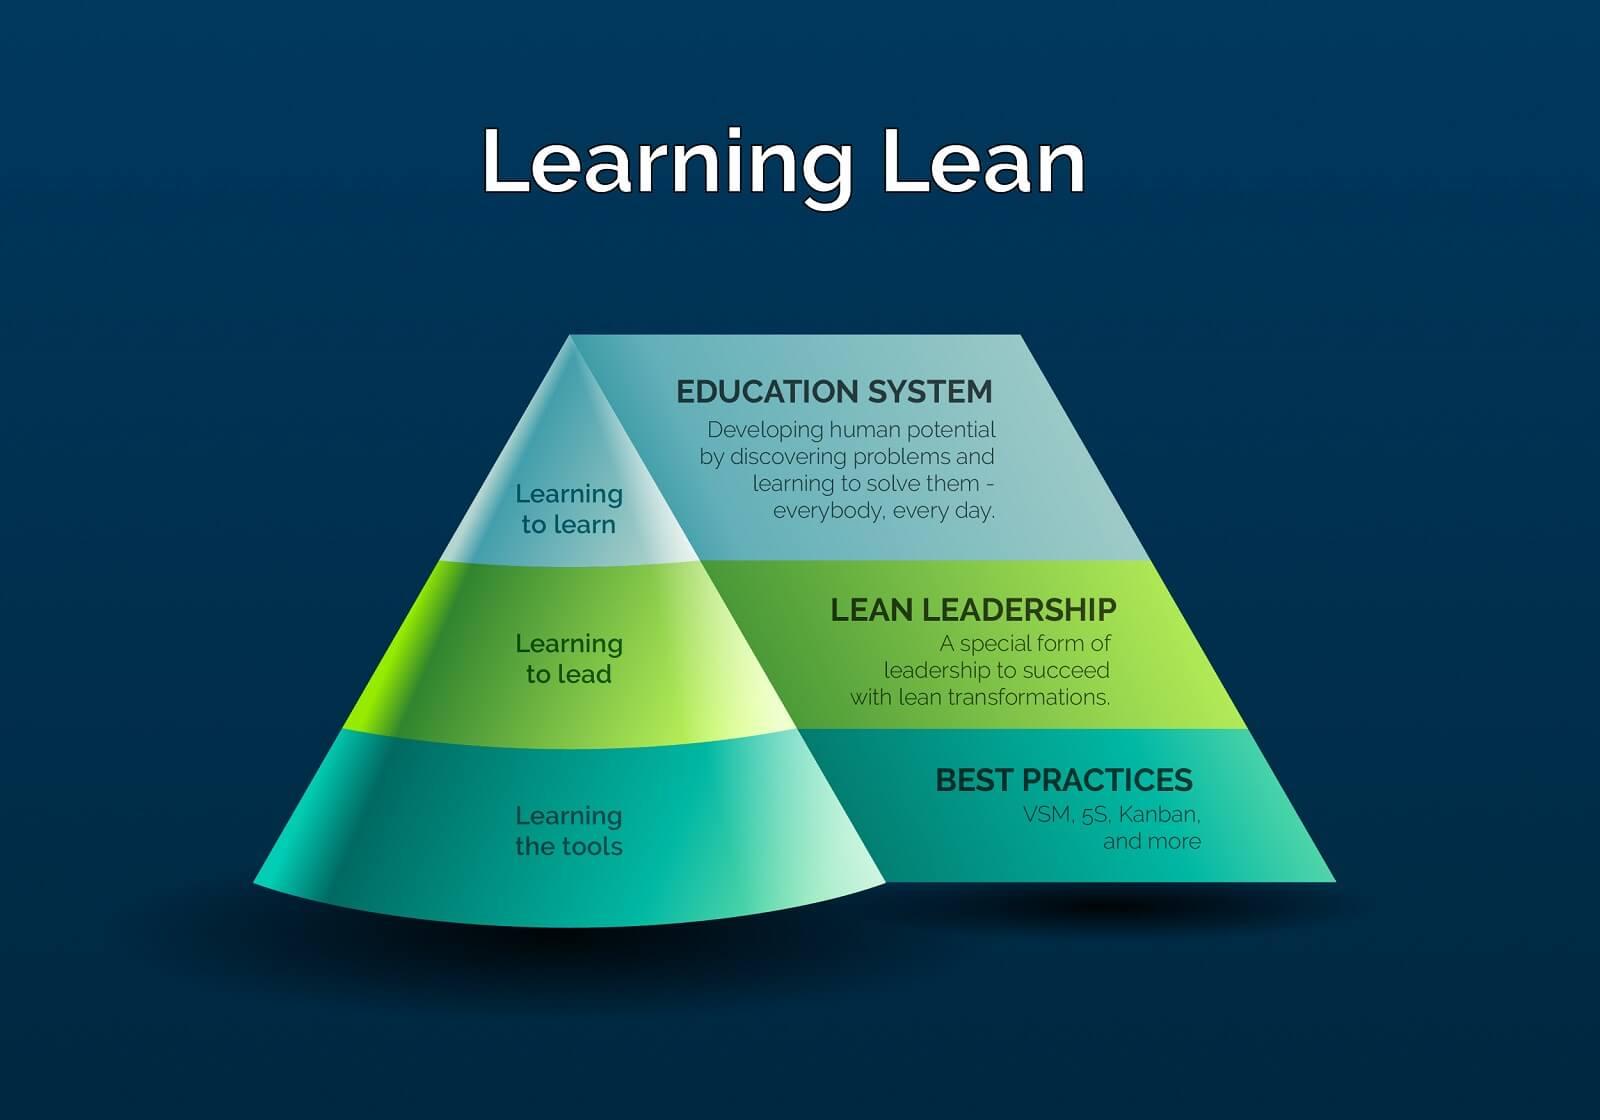 Learning Lean